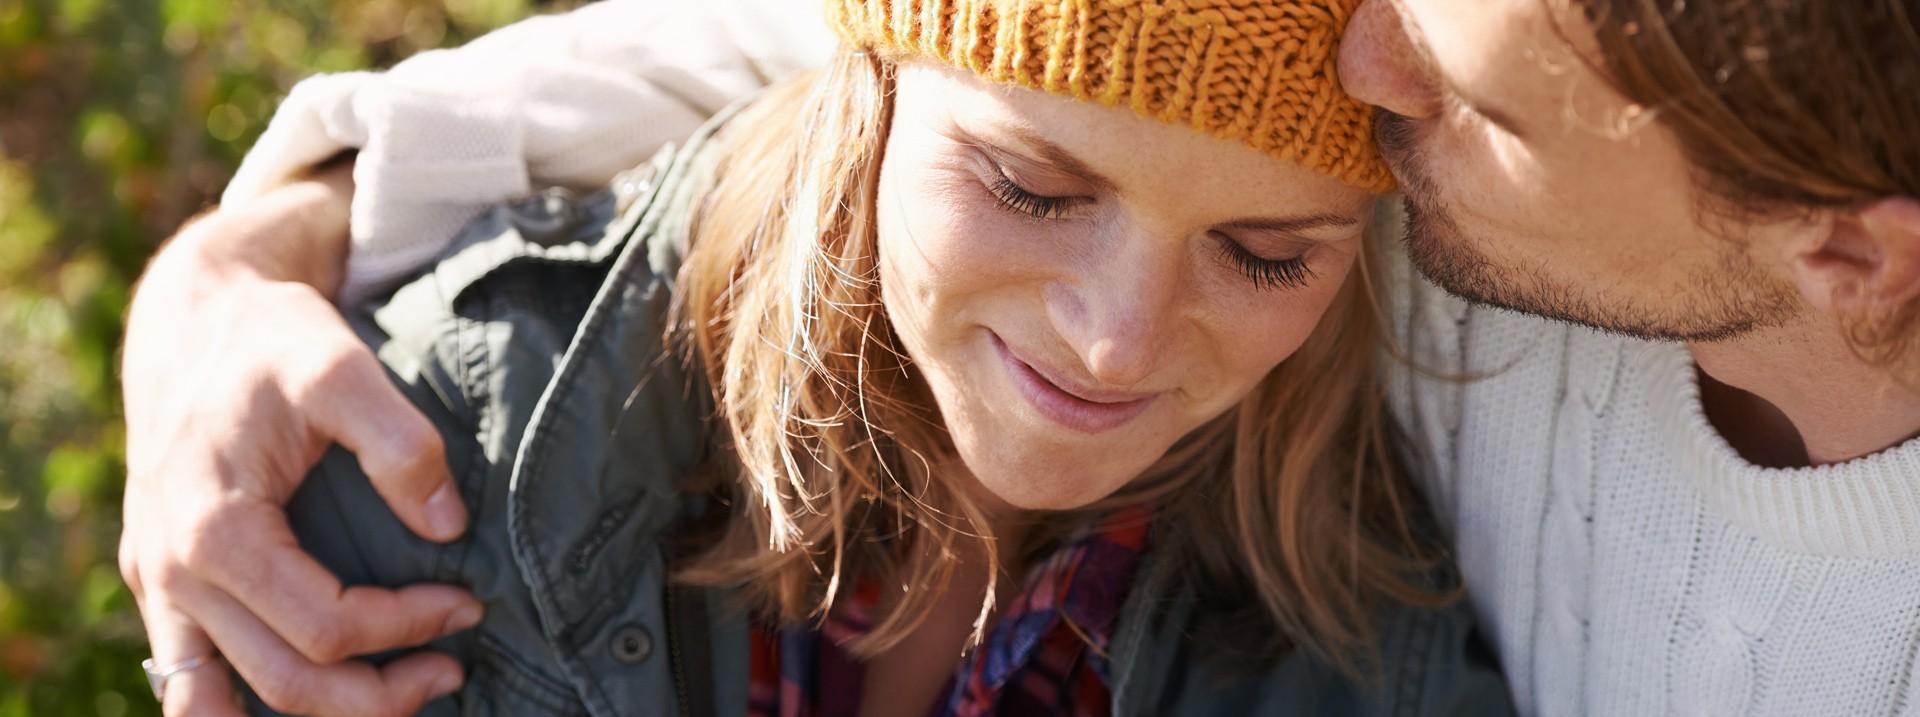 Mädchen liegt entspannt lächelnd auf der Wiese und stützt den Kopf in die Hände.